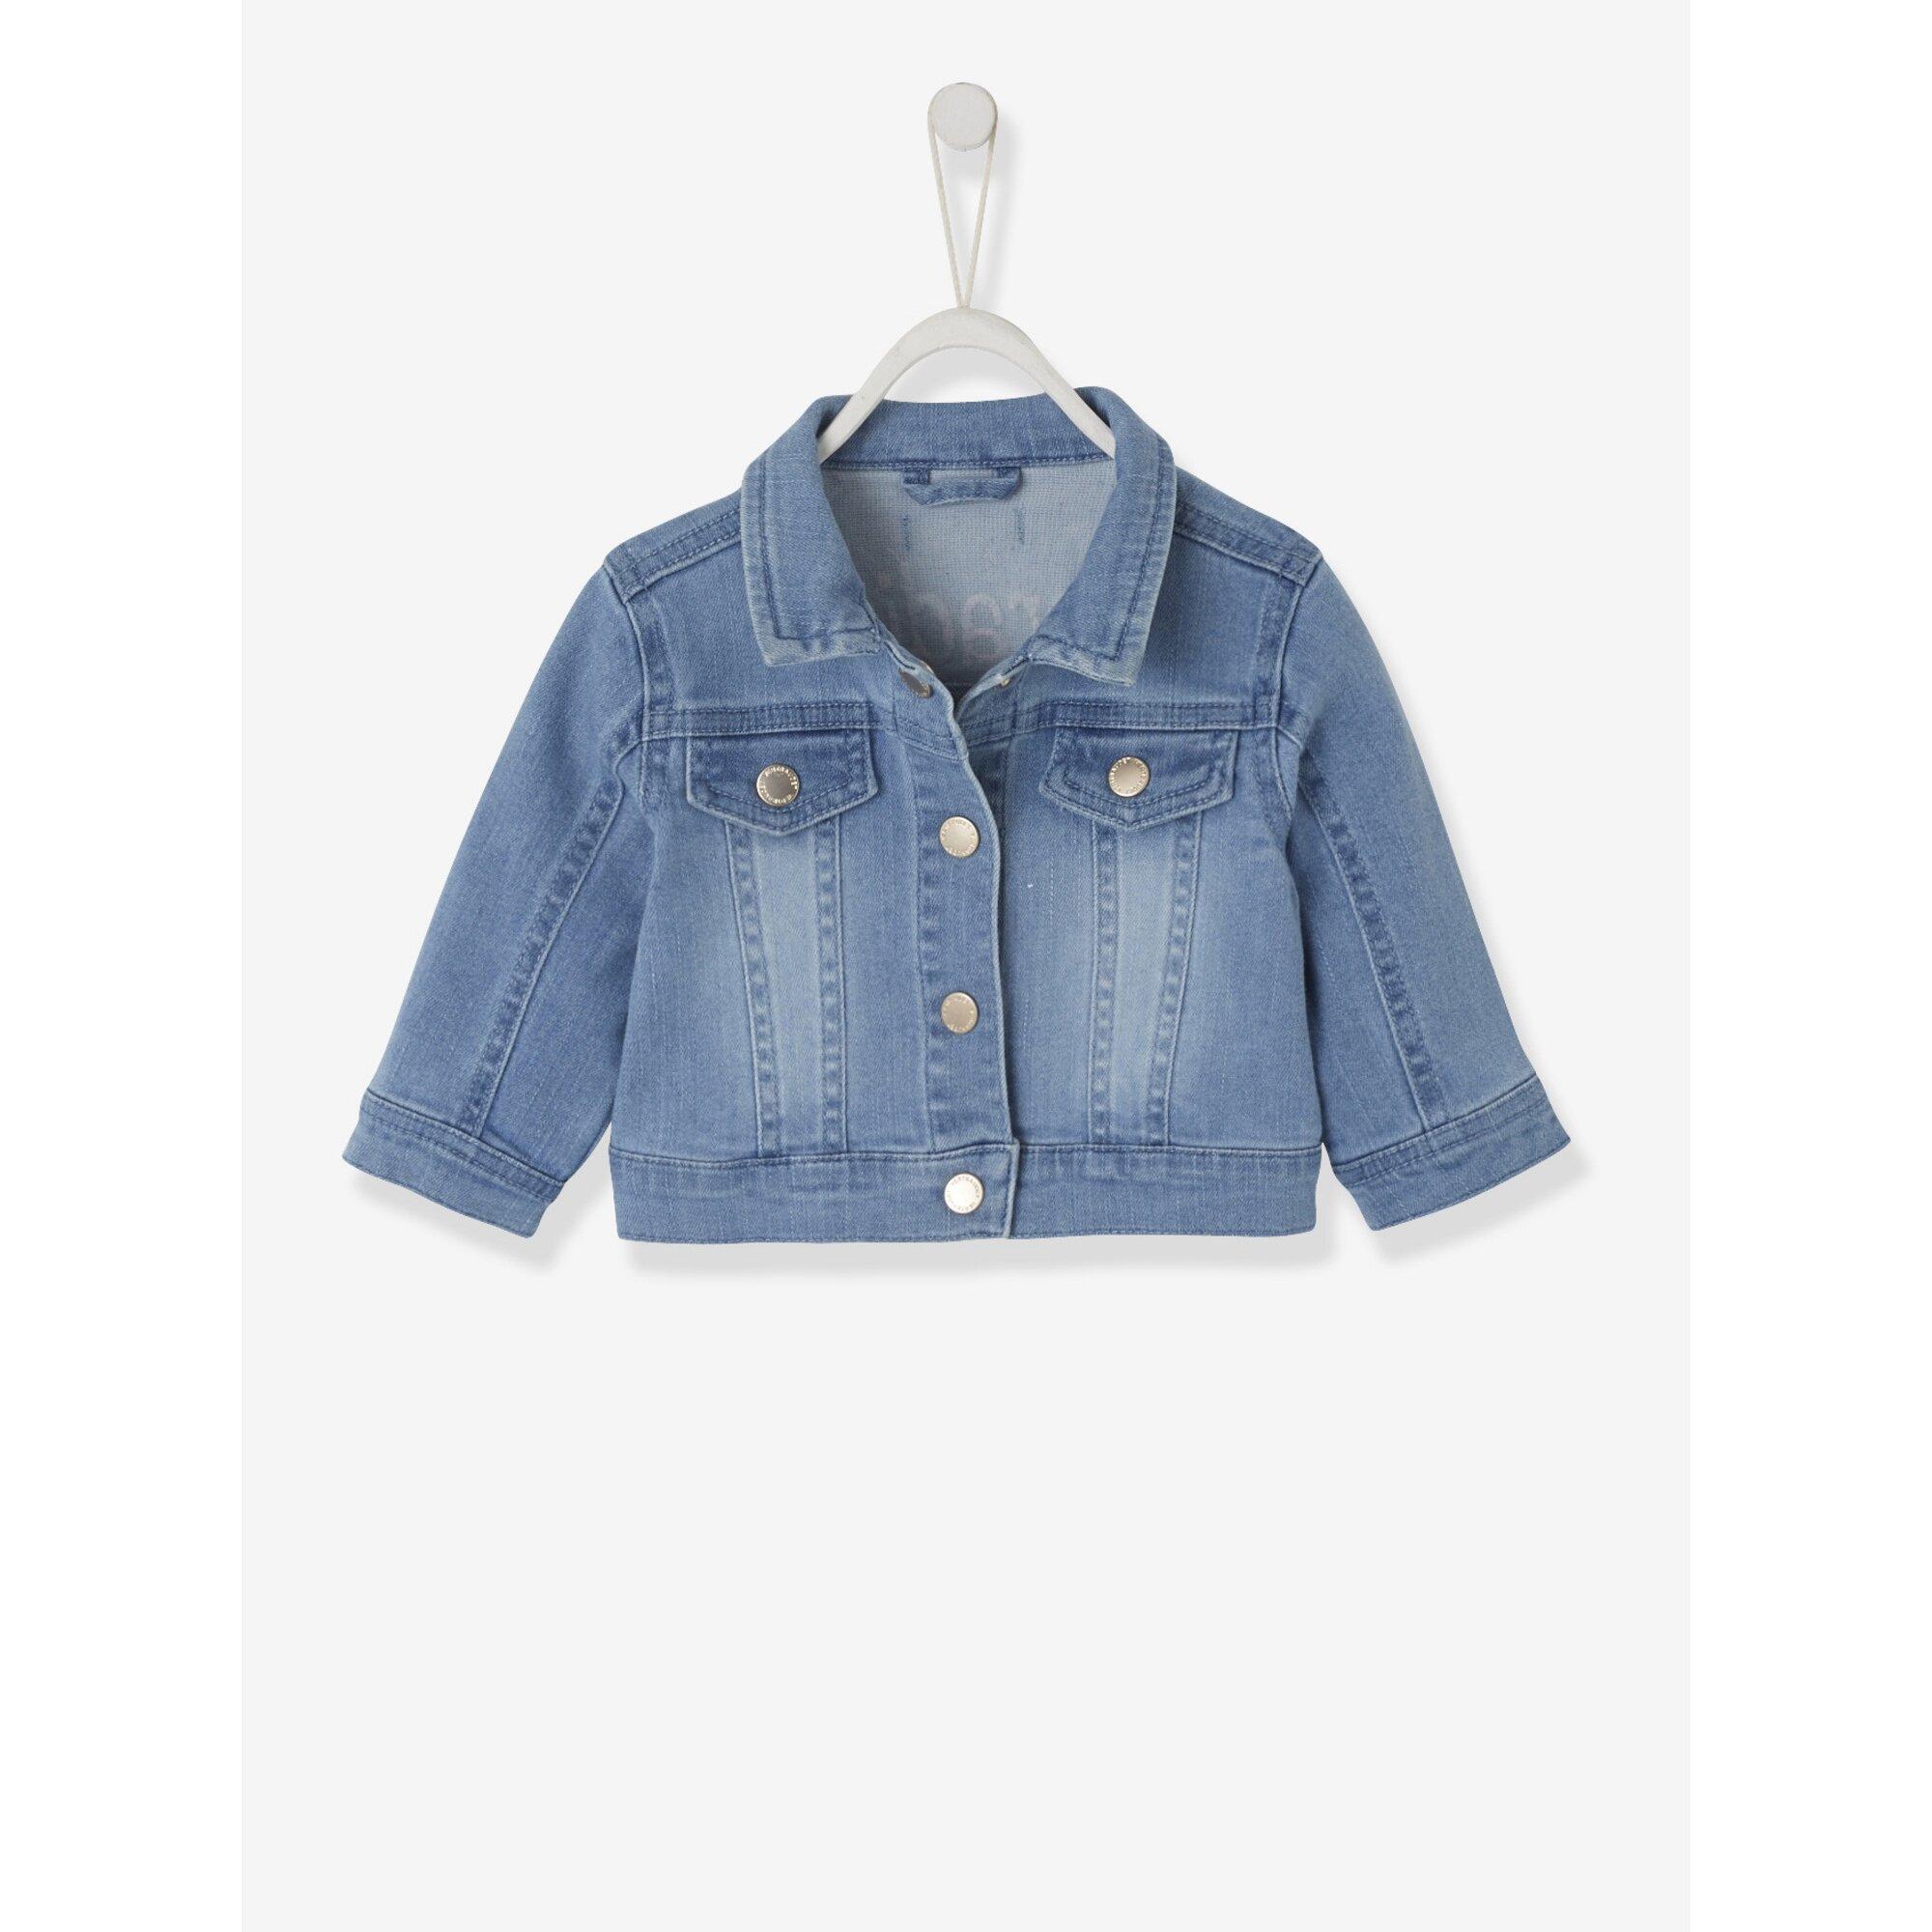 Vertbaudet Jeansjacke für Baby Mädchen, hinten bestickt